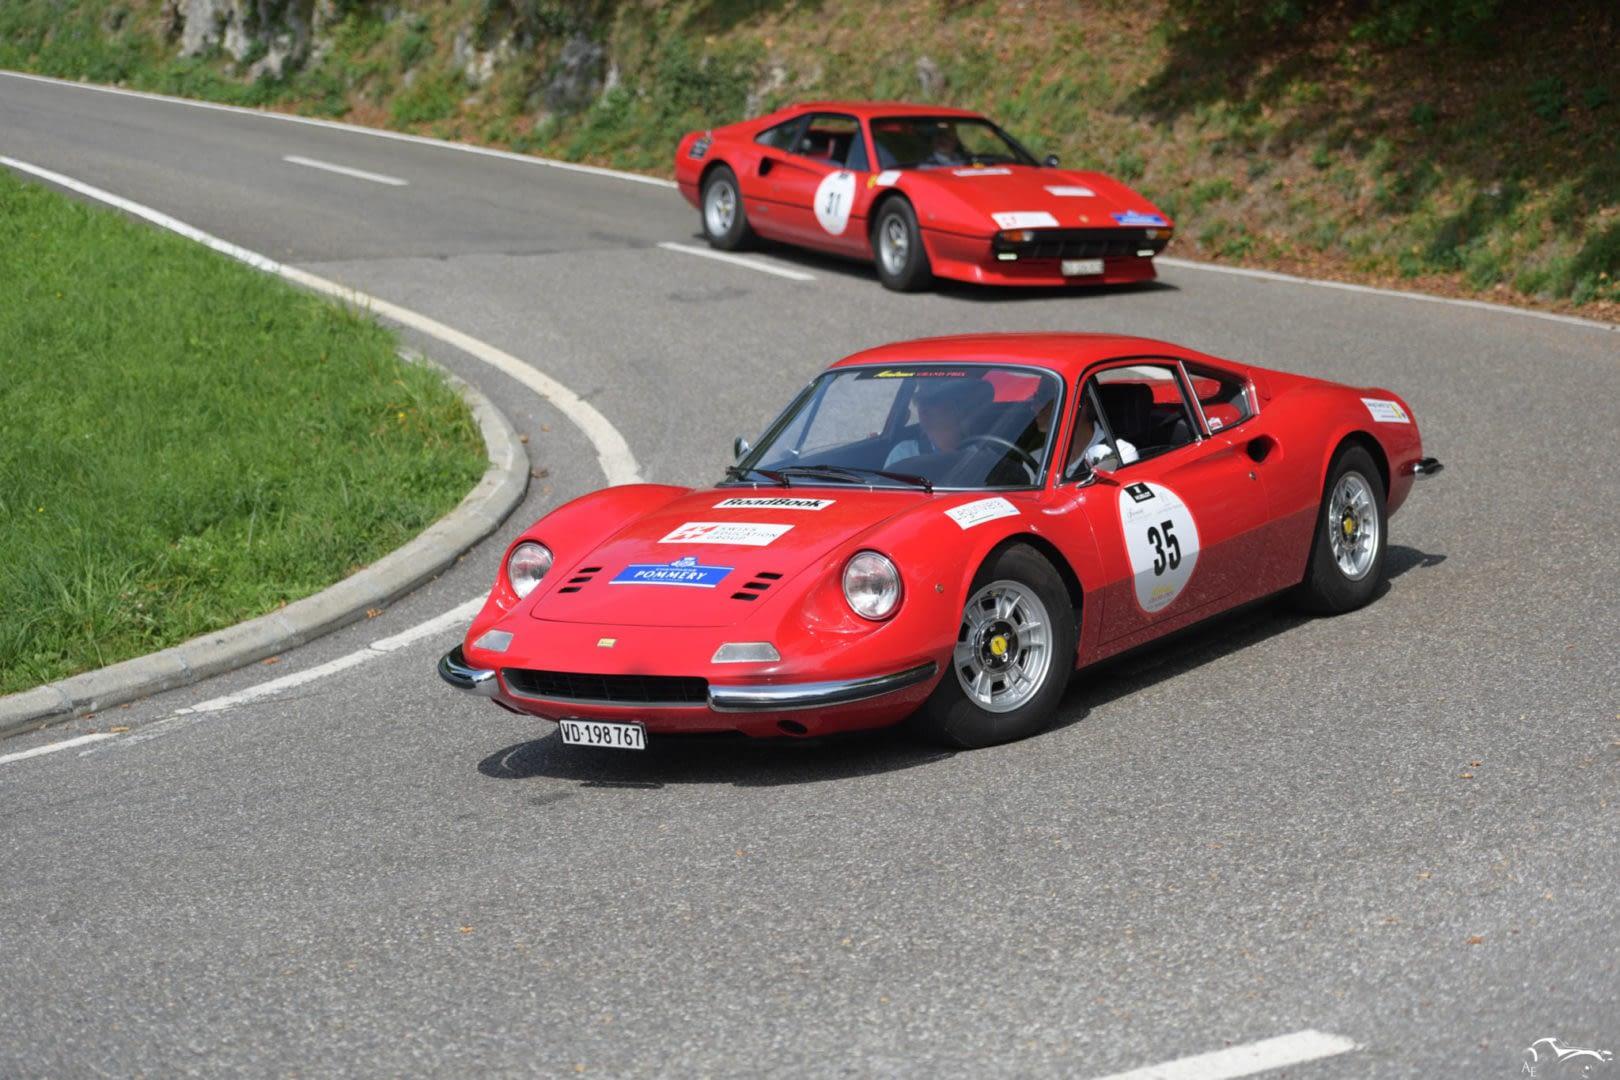 Ferrari Dino 246 GT & Ferrari 308 GTB